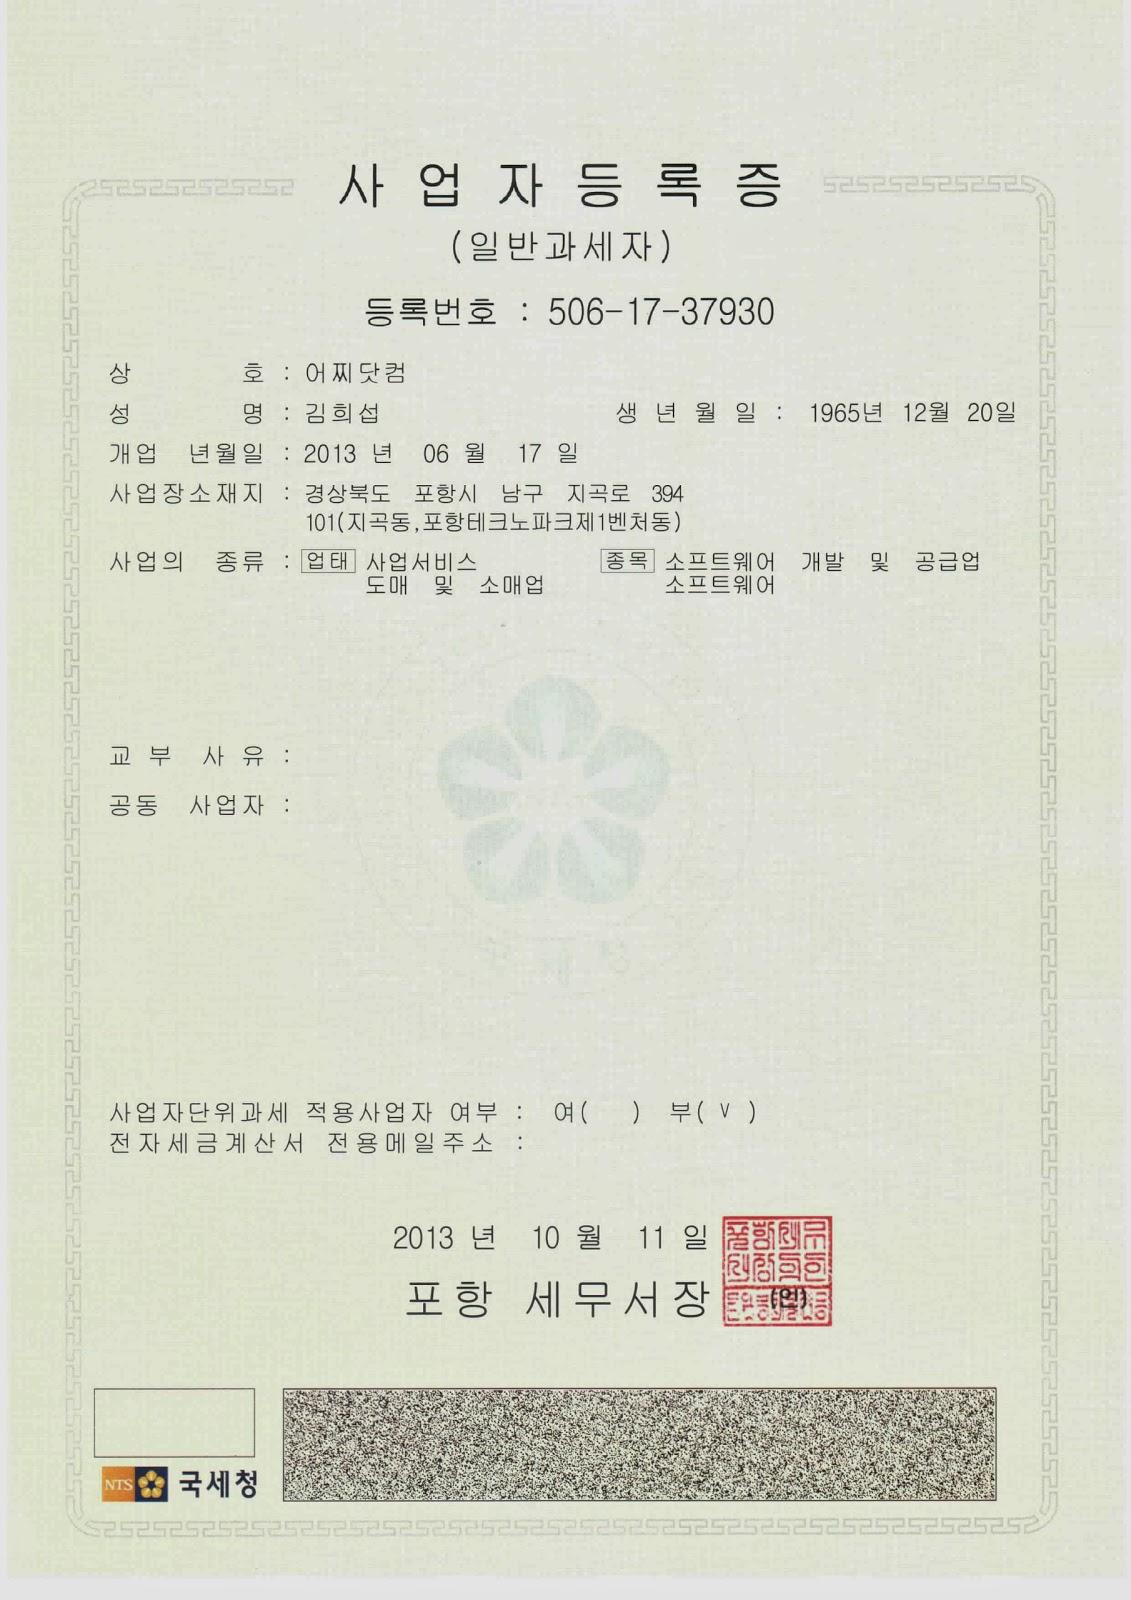 어찌닷컴 사업자등록증 2013. 10. 11.